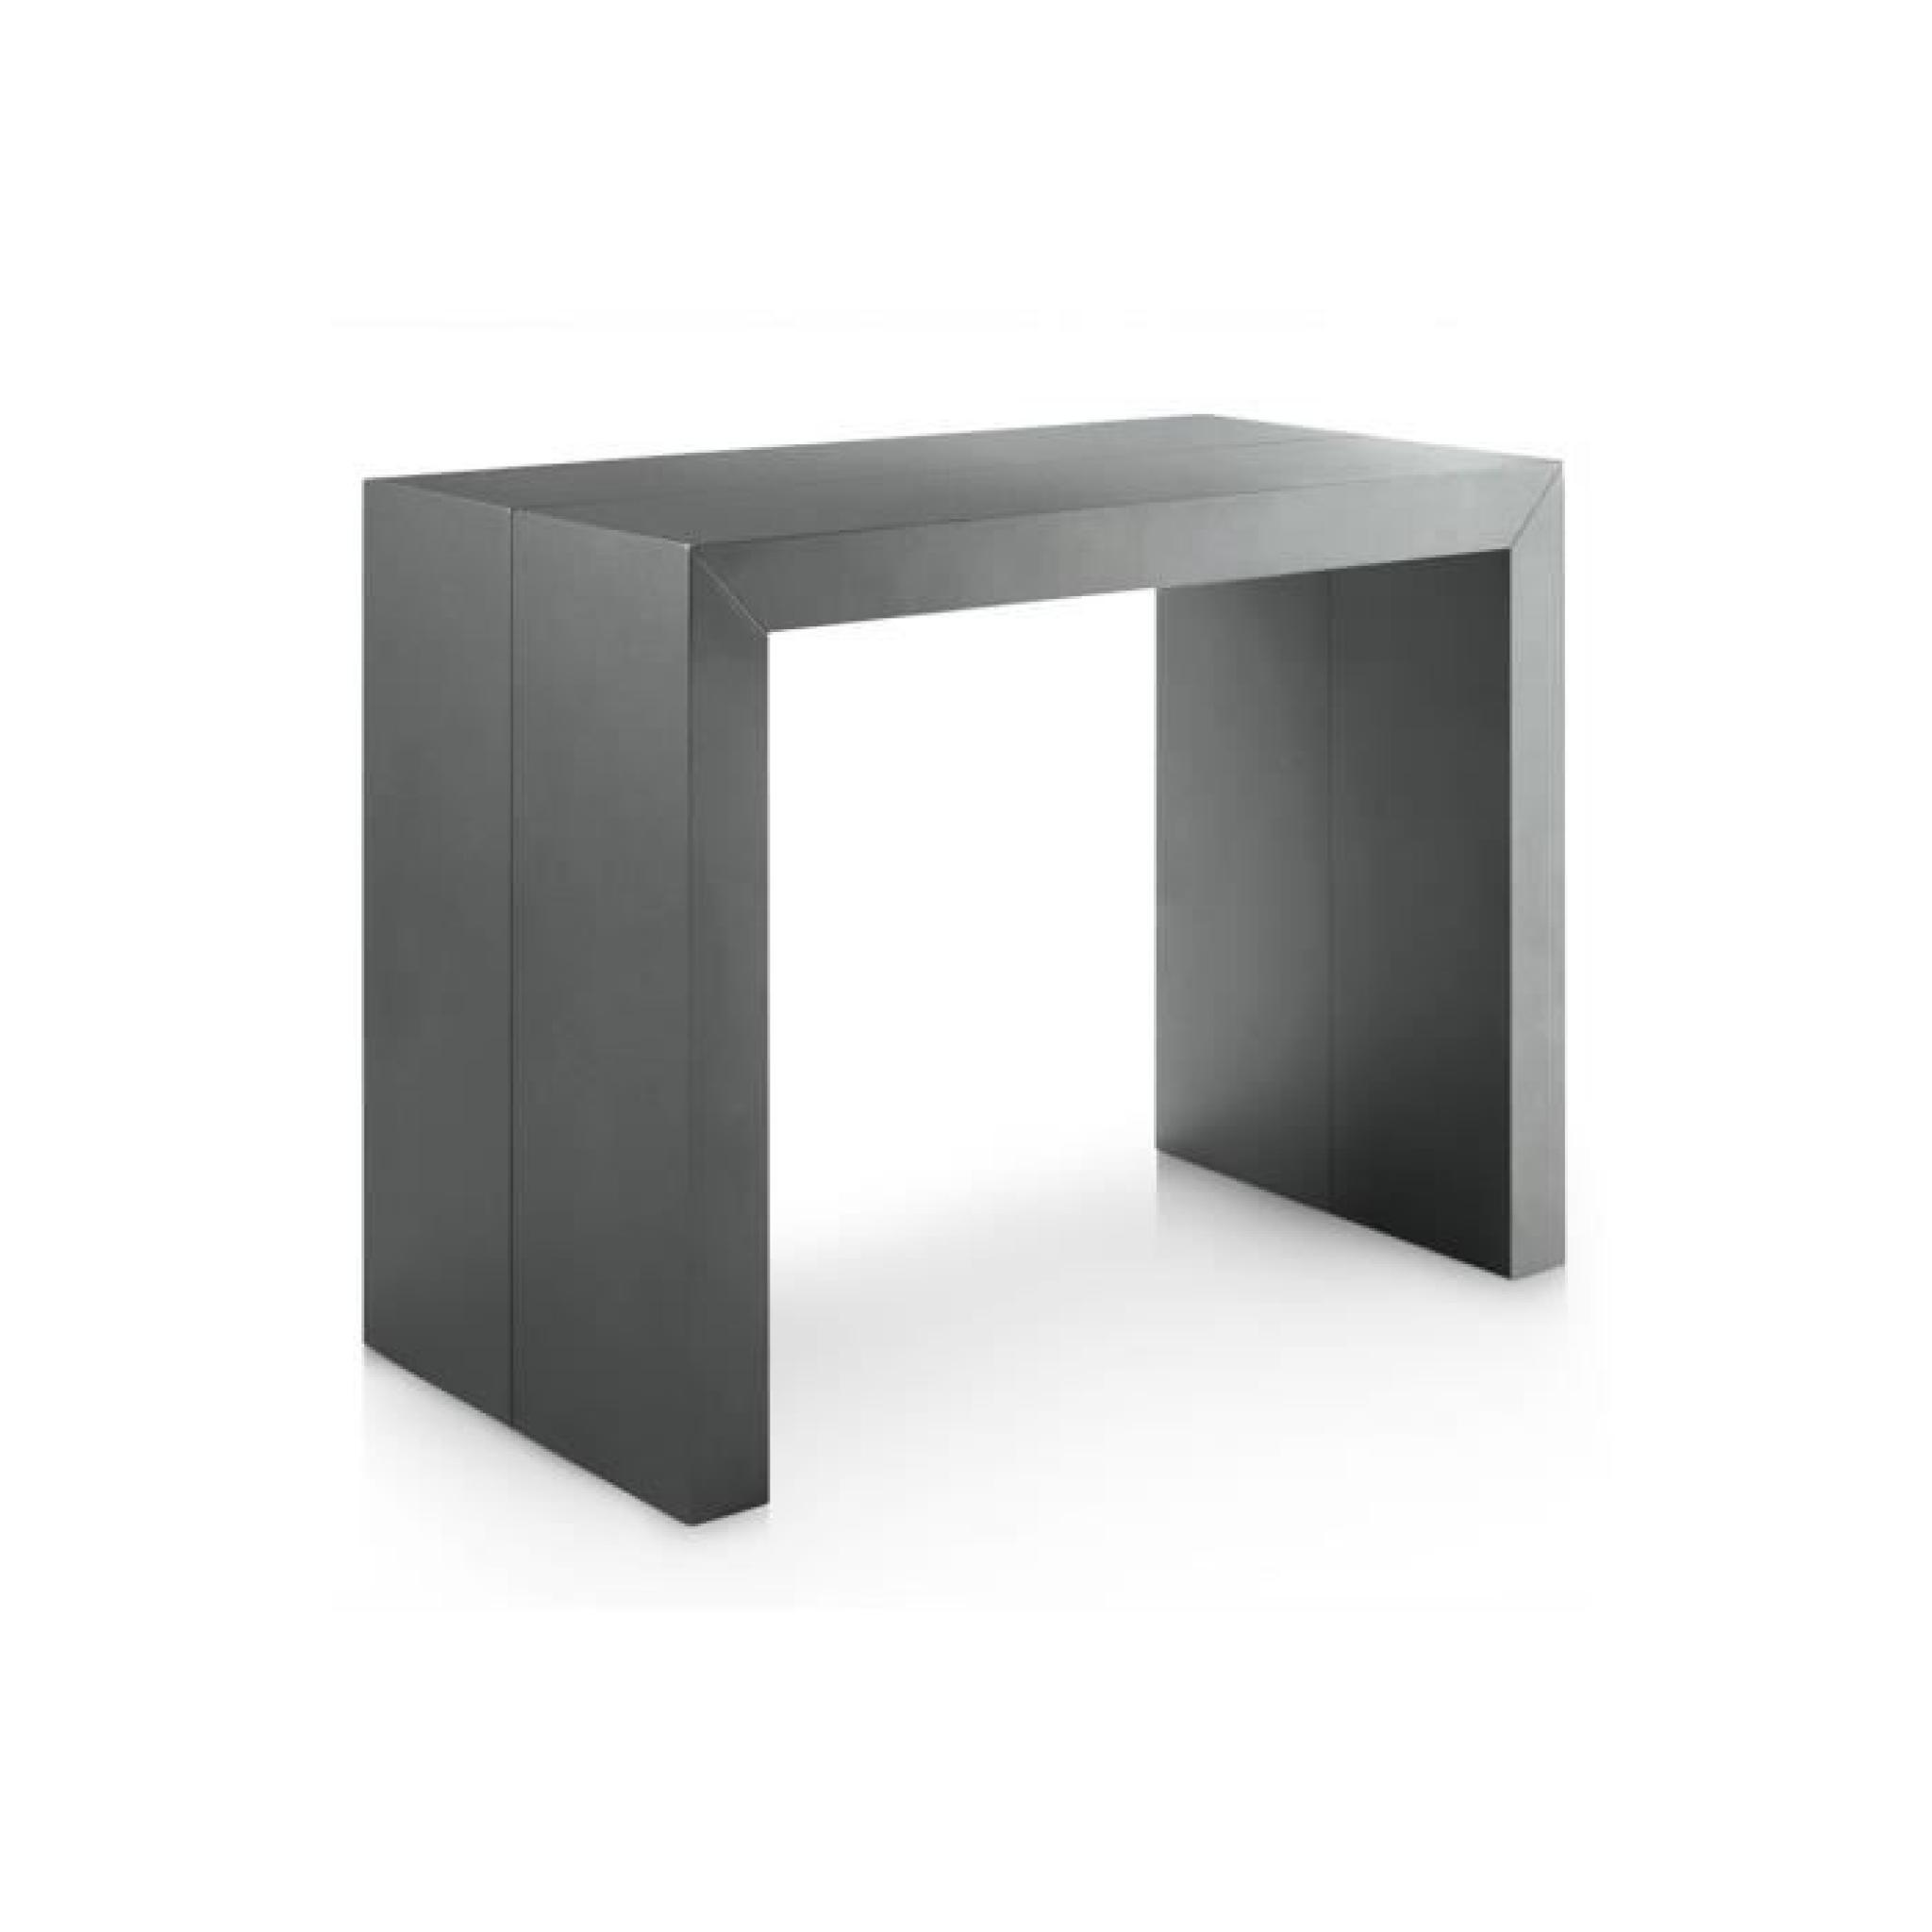 Cm Cher Extensible Console Gris Pas 250 Table S… pqSMVzGU